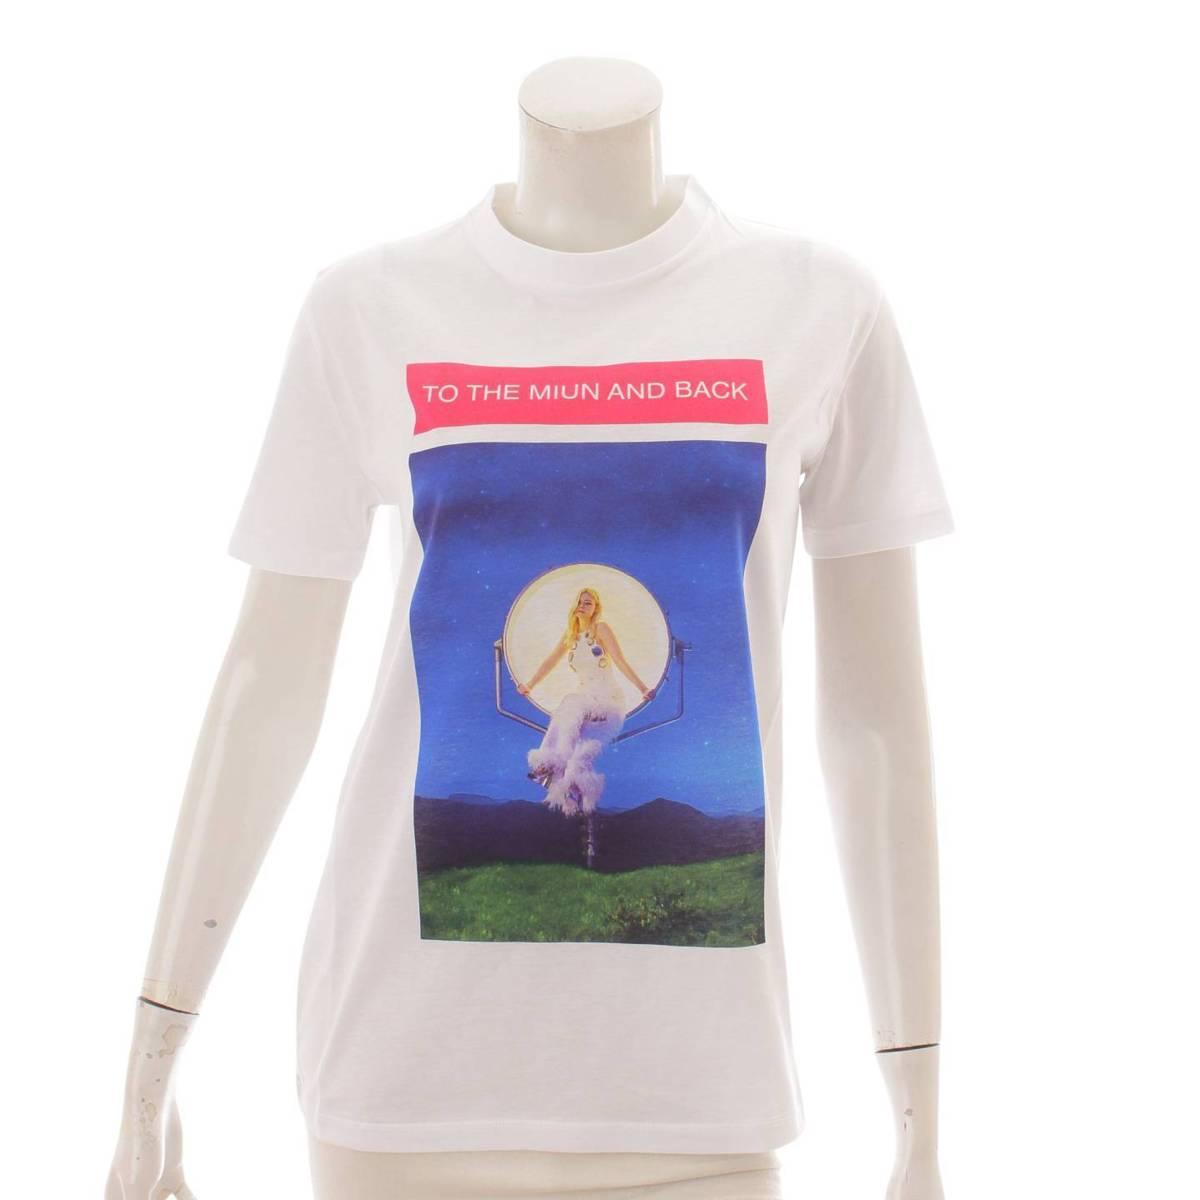 ミュウミュウ Miu 2017年 エル ファニング Tシャツ 毎日激安特売で 営業中です トップス MJN148 未使用 お洒落 ホワイト 鑑定済 123143 M 正規品保証 中古